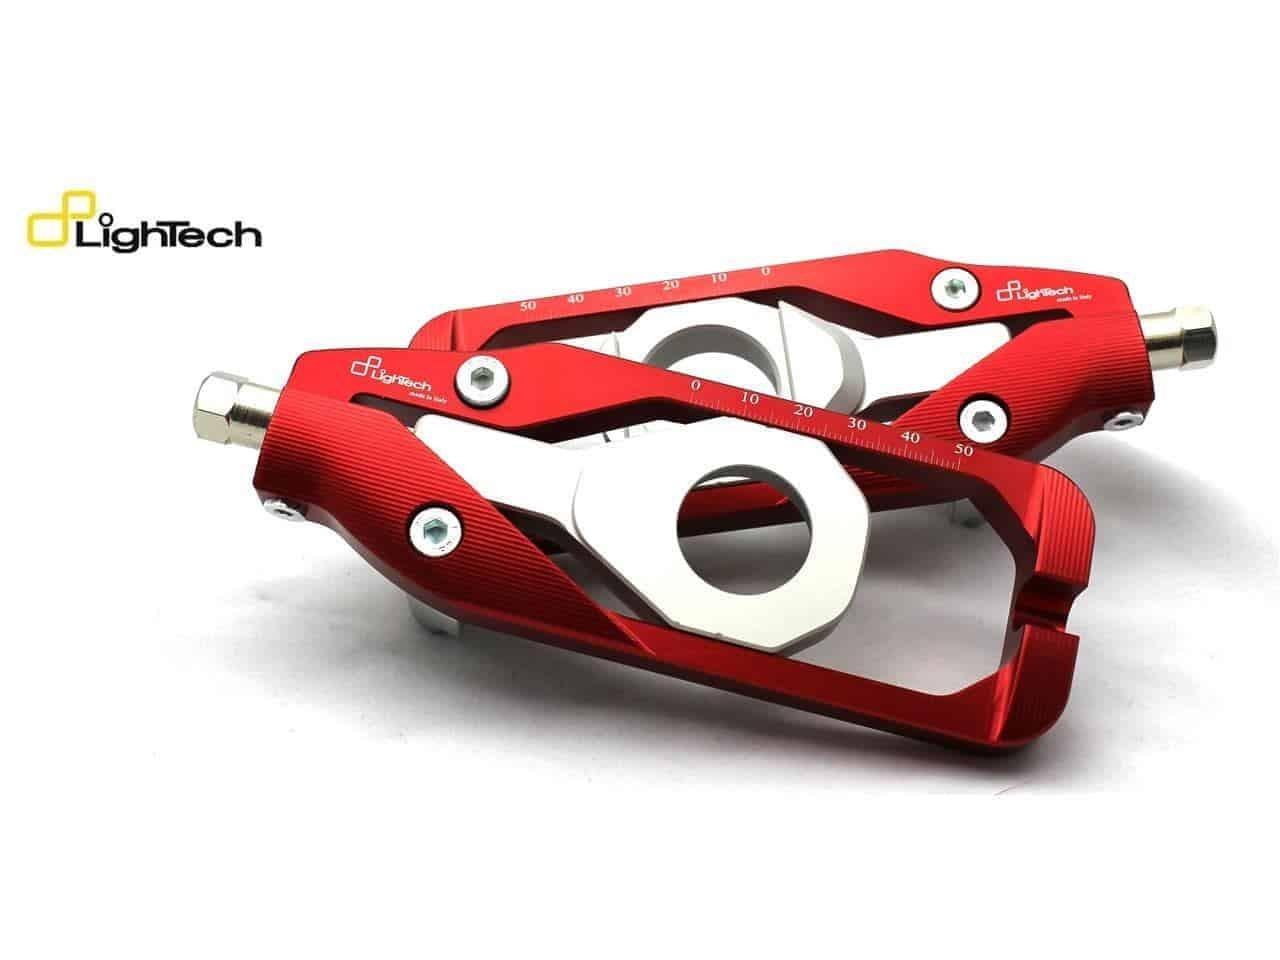 tendeur de chaine Lightech pour Yamaha YZF-R1 YZF-R6 MT-09 MT-10 rouge